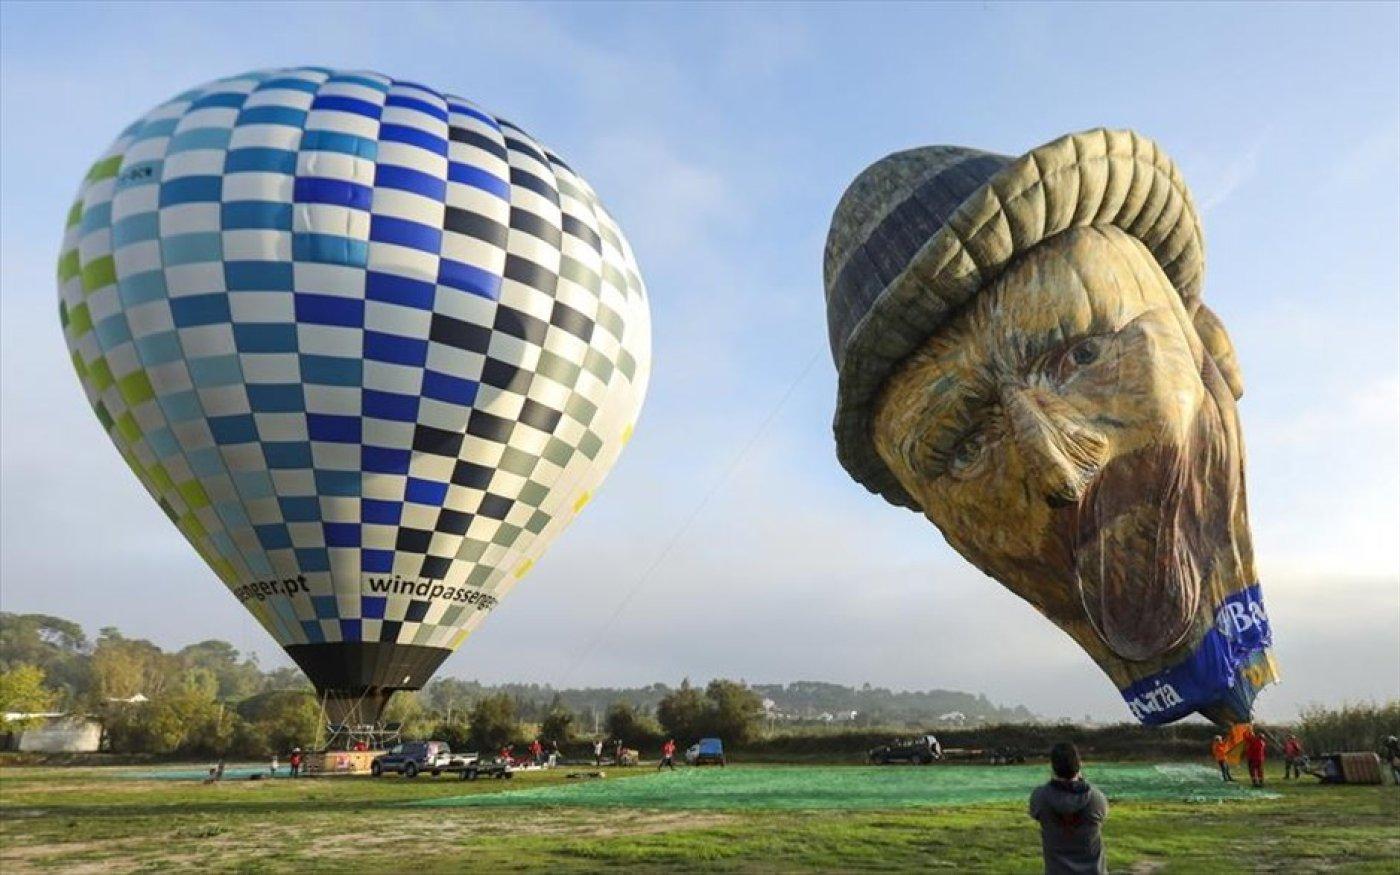 Αερόστατο με προσωπογραφία του Βίνσεντ βαν Γκογκ ετοιμάζεται για φεστιβάλ στην Πορτογαλία - Photo: EPA / MIGUEL A. LOPES - Κυρίως Φωτογραφία - Gallery - Video